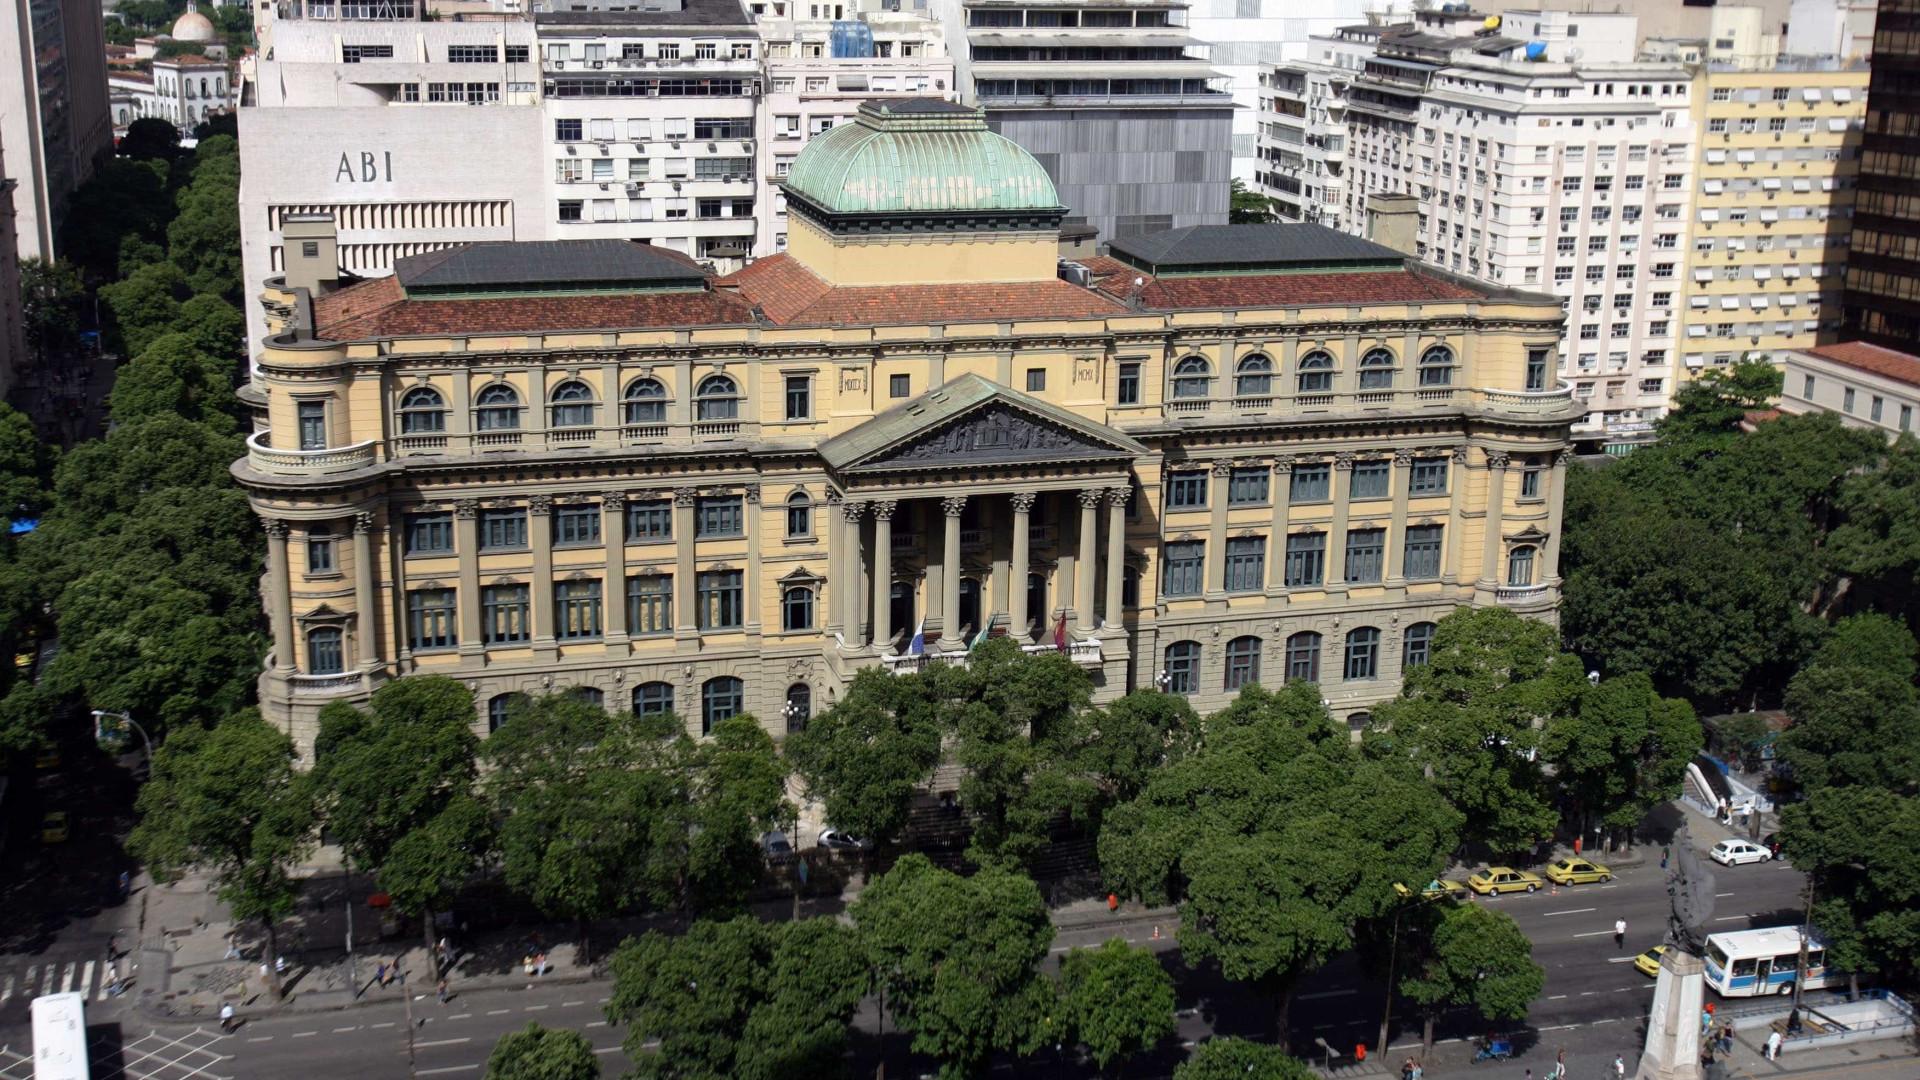 Itaú devolve obras que haviam sido roubadas da Biblioteca Nacional